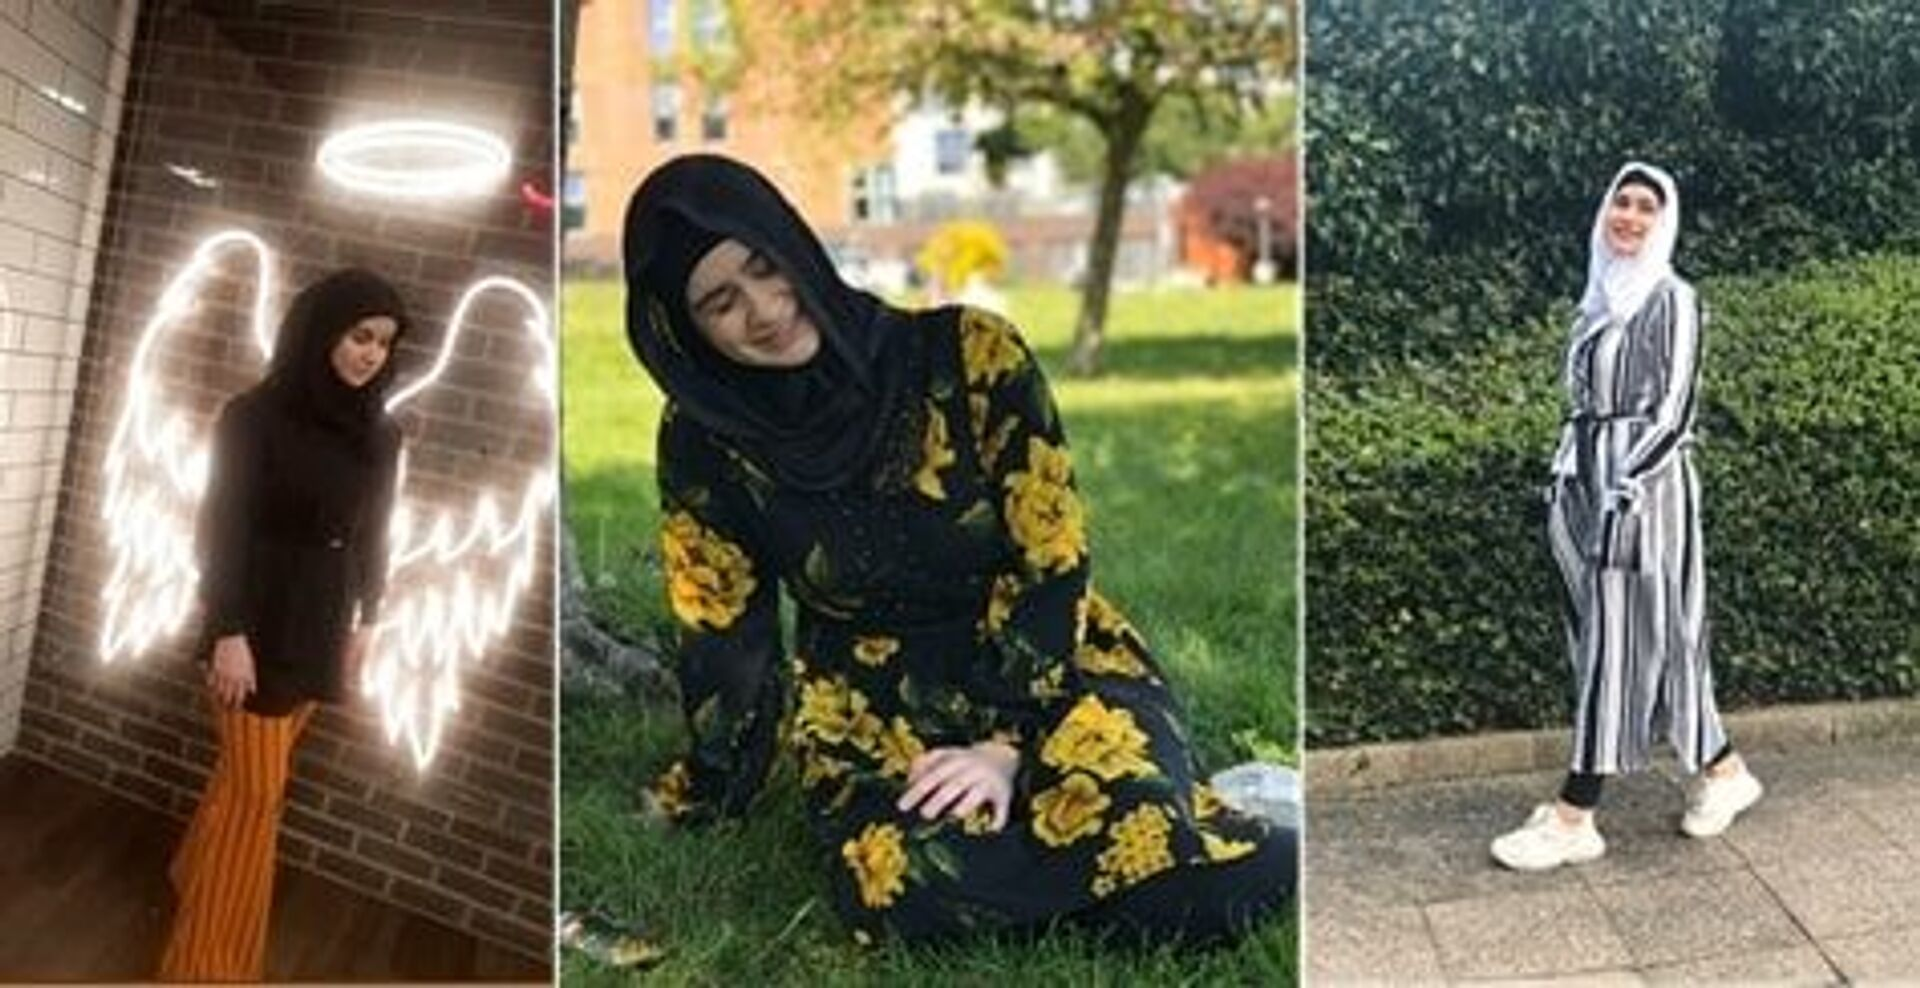 Aya Hachem, who was shot dead in Blackburn in May 2020 - Sputnik International, 1920, 07.09.2021